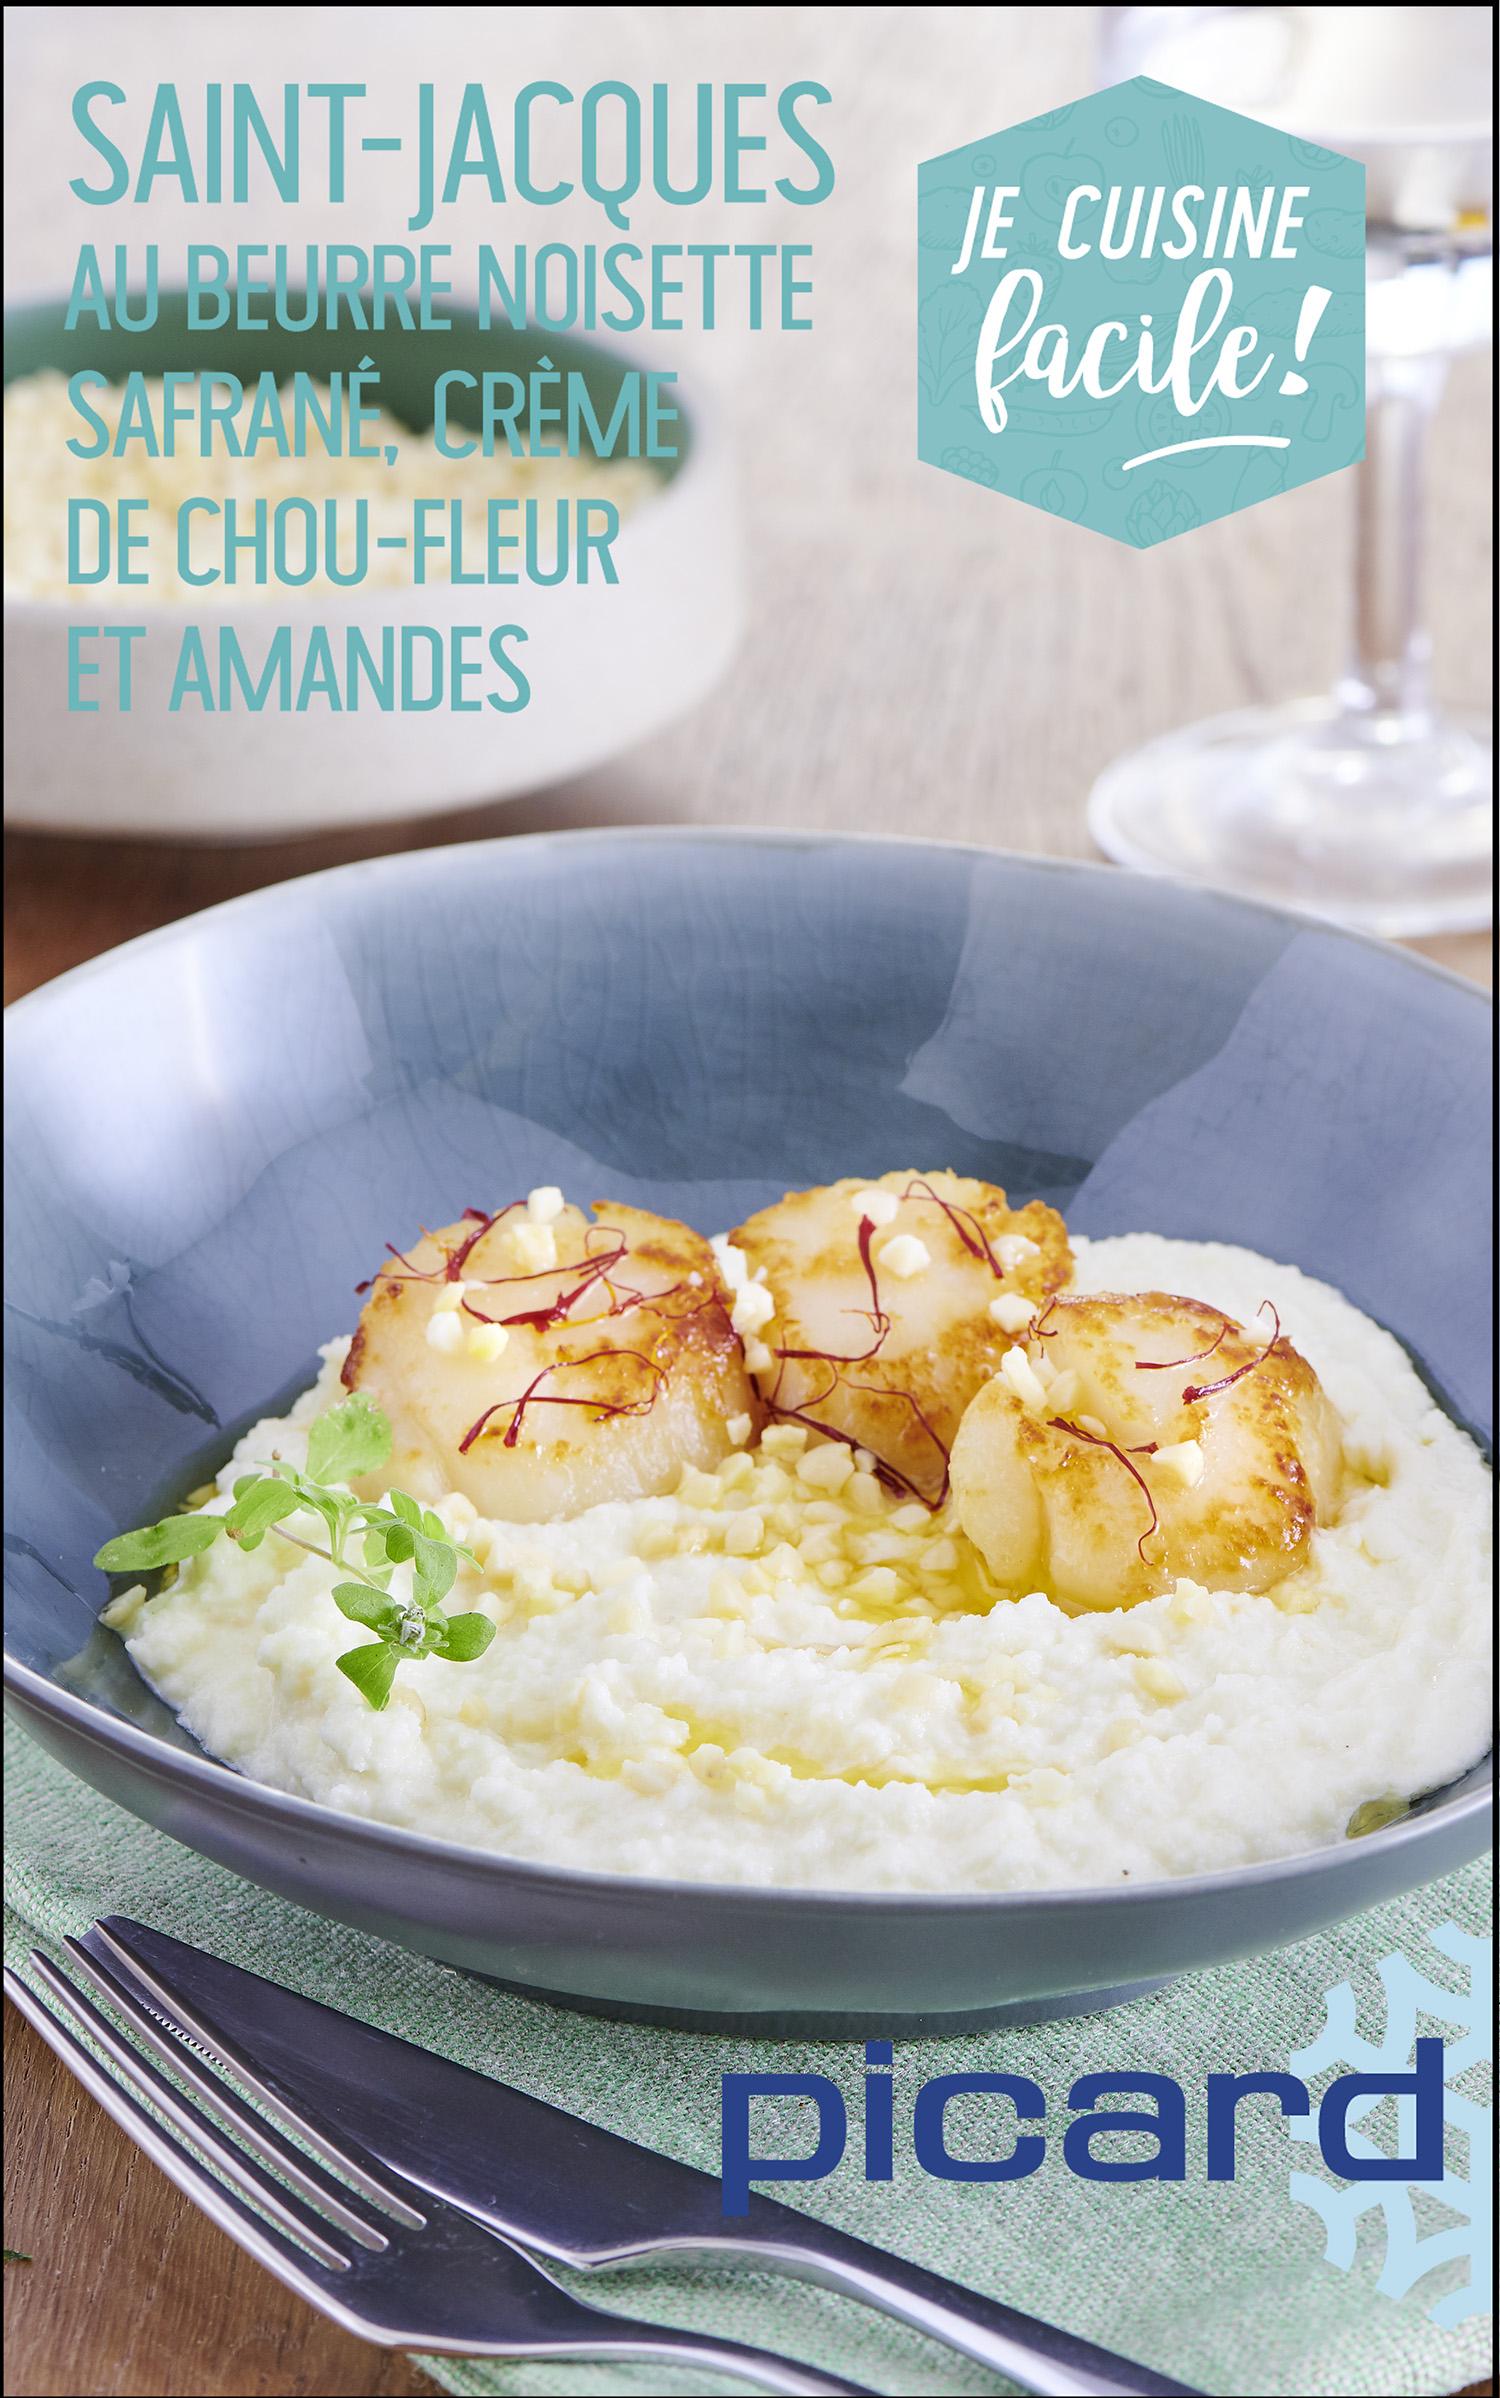 St Jacques au beurre noisette safrané, crème de choux-fleur et amandes - DR Picard